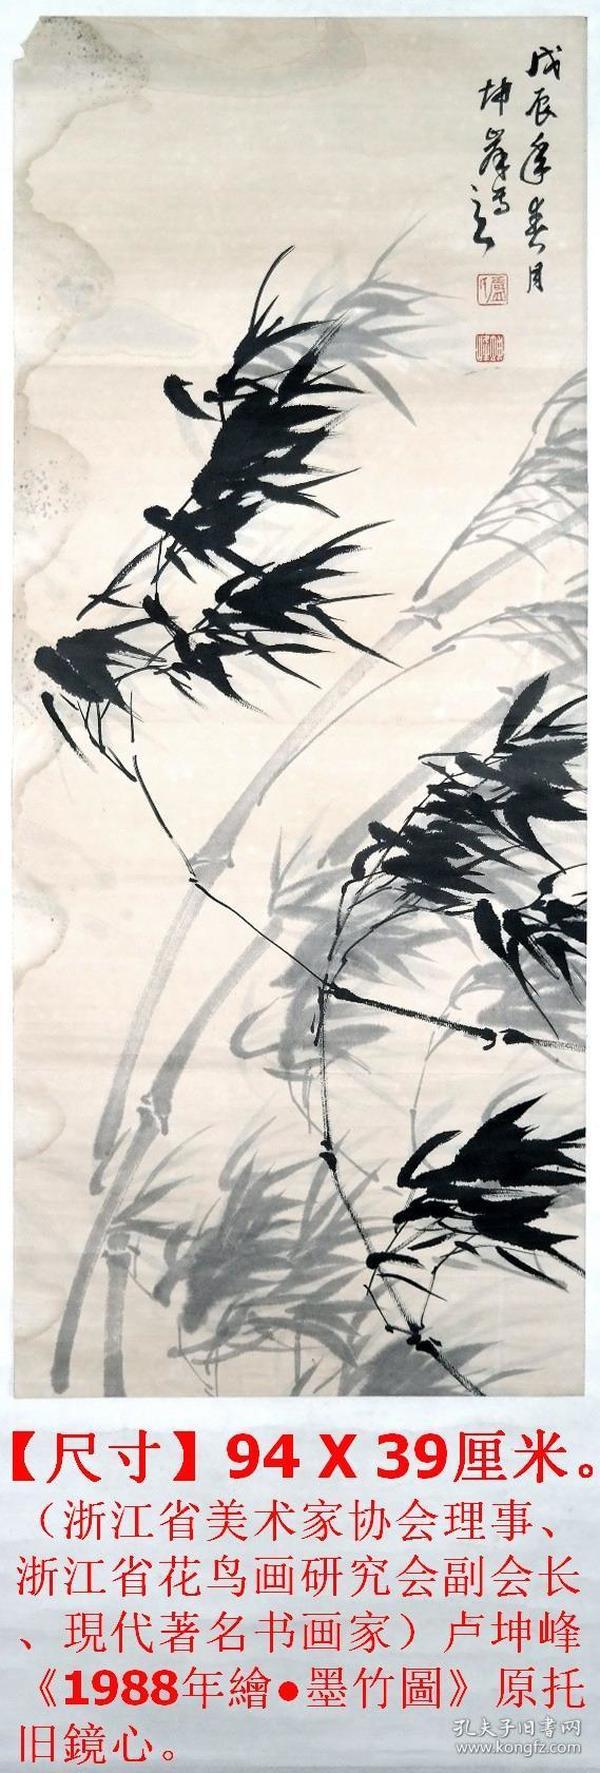 已故浙江省美术家协会理事◆卢坤峰《1988年绘花卉画●墨竹图》原托旧镜心◆◆现代浙派手绘名人旧字画◆◆【尺寸】94 X 39厘米。